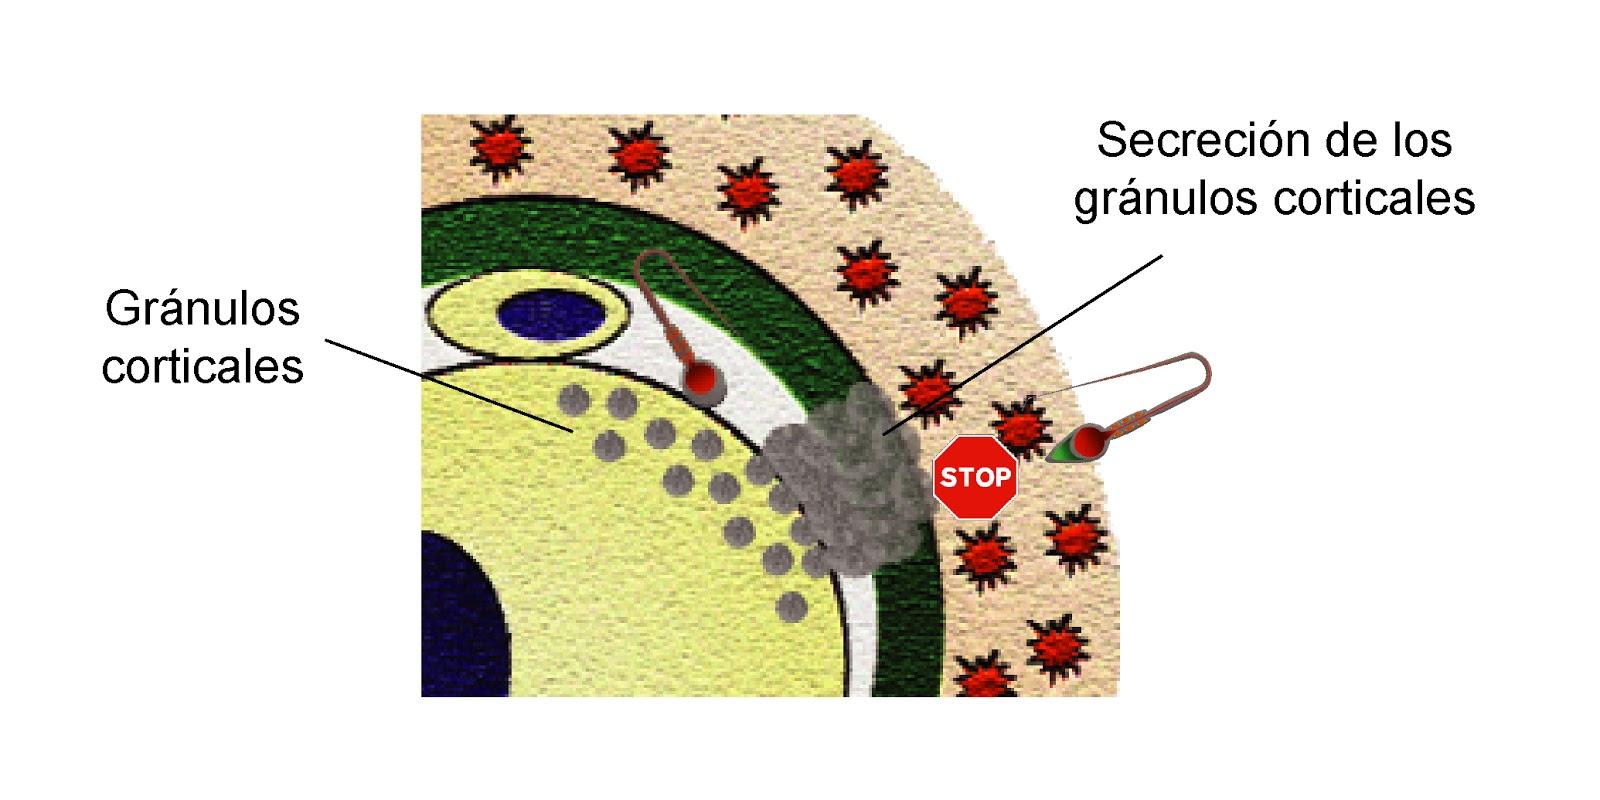 El contenido de los gránulos corticales impide que el óvulo sea fecundado por más de un espermatozoide